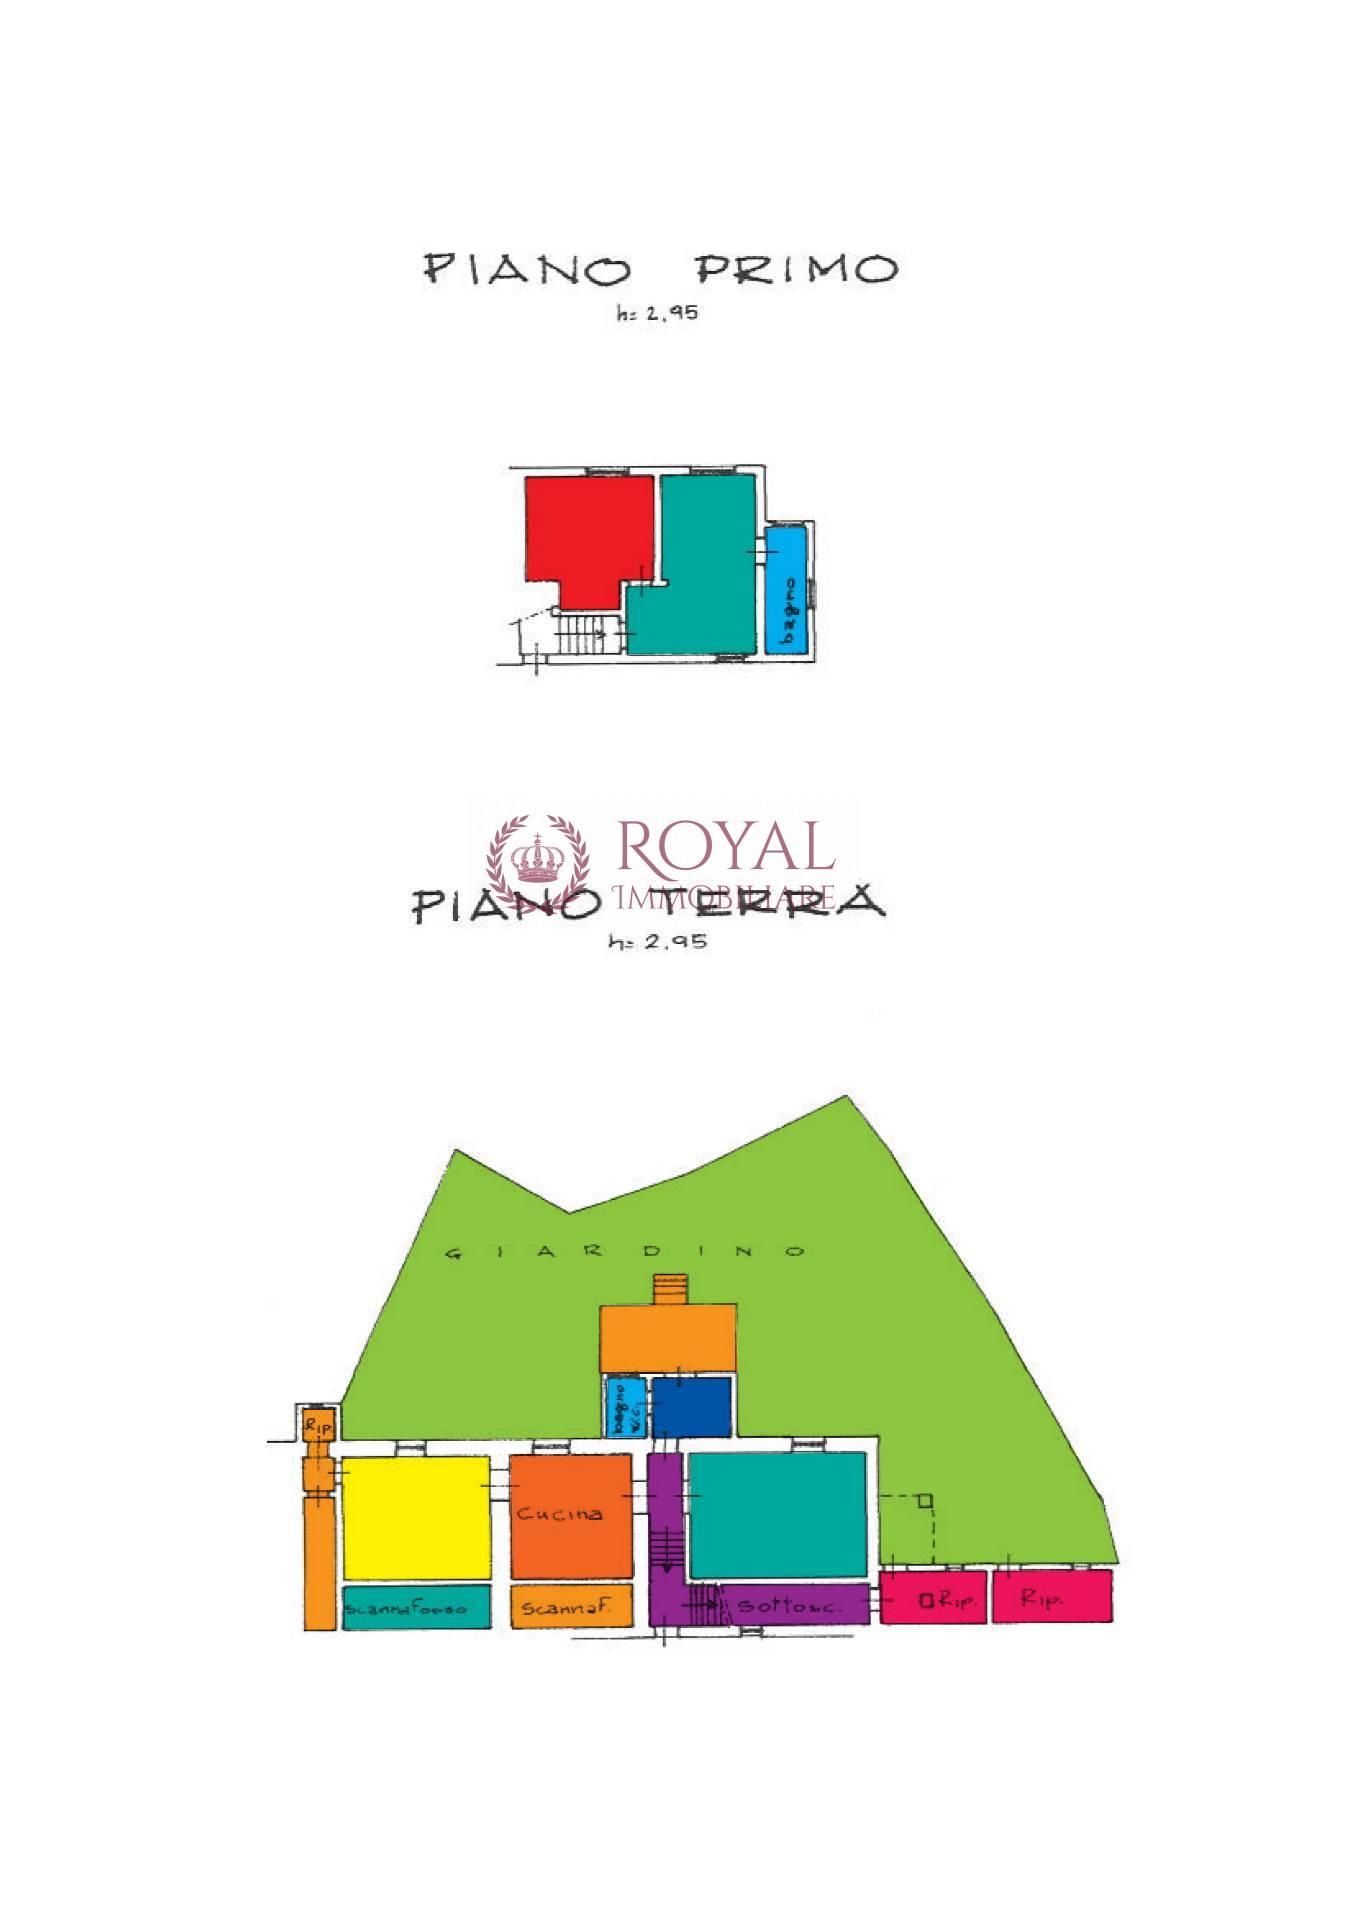 livorno vendita quart: antignano royal immobiliare professional s.a.s.